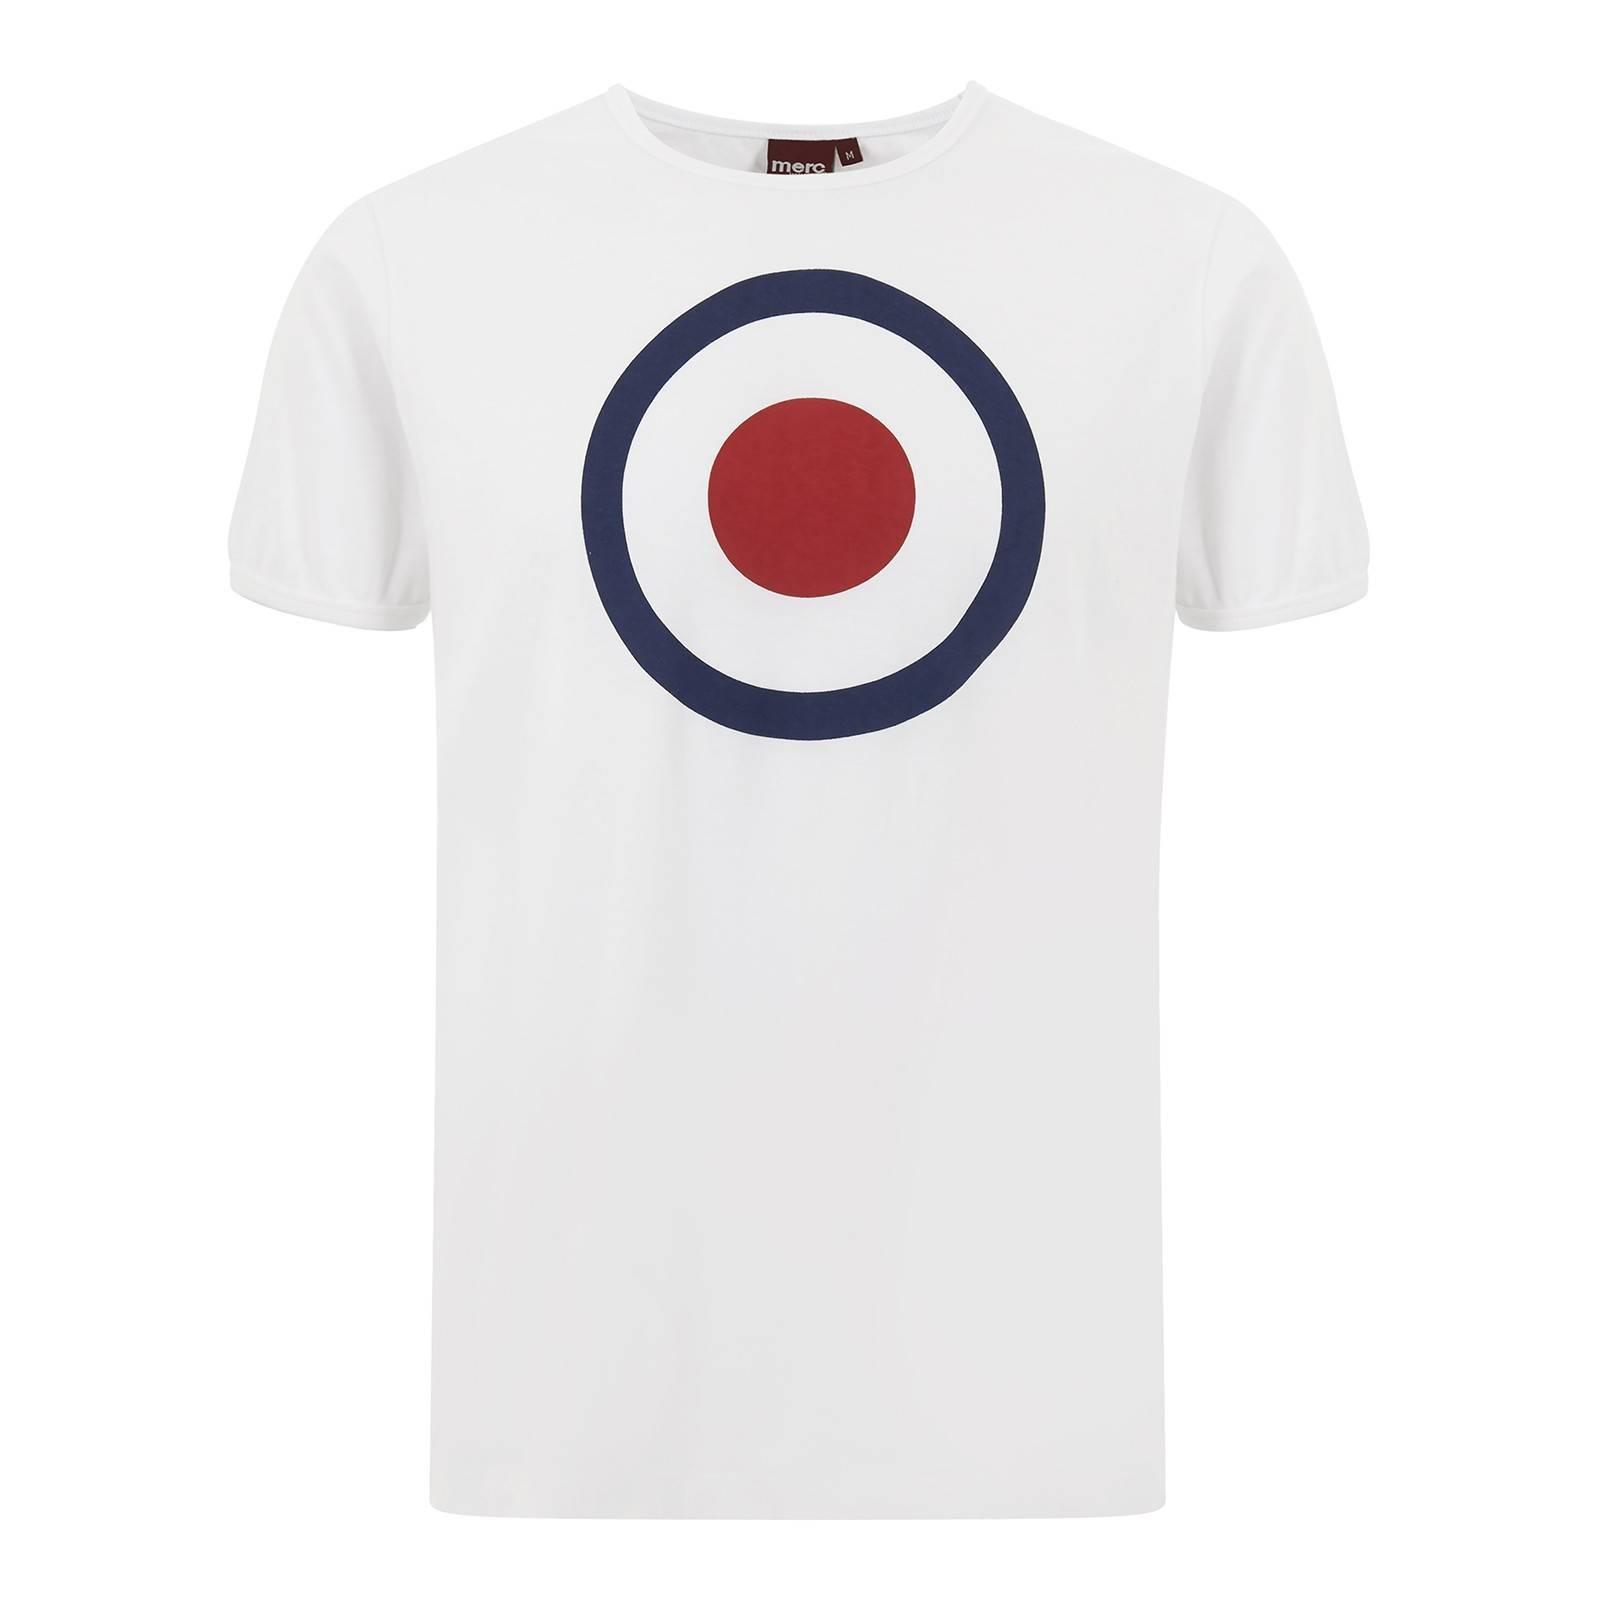 Футболка TicketCORE<br>Классическая t-shirt Merc базовой всесезонной линии &amp;amp;quot;Core&amp;amp;quot; с принтом в виде таргета - легендарным символом mod-движения и mod-look. Высокое качество нанесения орнамента исключает его облезание в результате стирок. Ярко сочетается с олимпийками, кардиганами и верхней одеждой. Произведено в Европейском Союзе.<br><br>Артикул: 1705128<br>Материал: 100% хлопок<br>Цвет: белый<br>Пол: Мужской